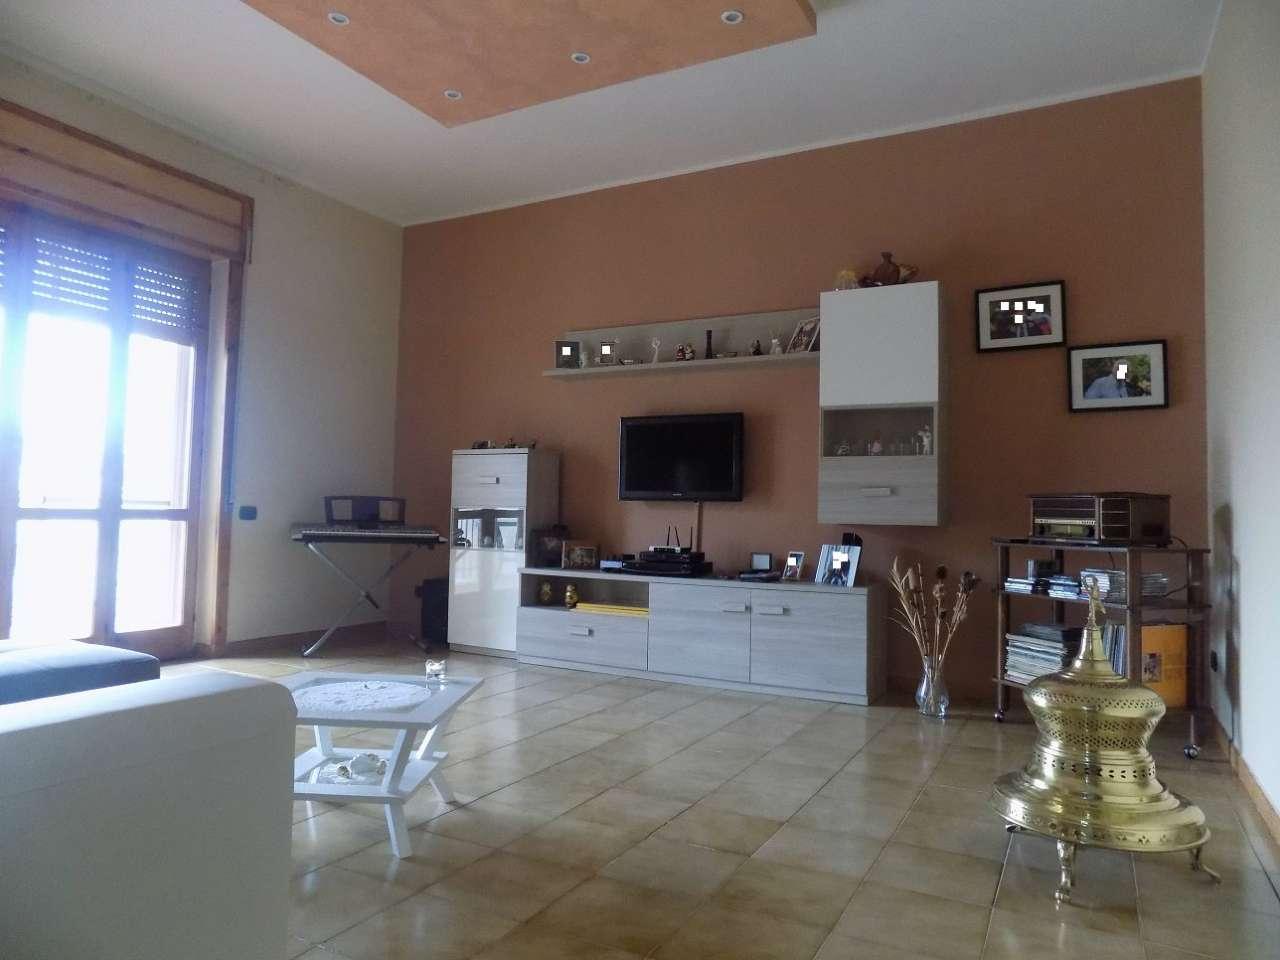 appartamento con terrazzo a Casalnuovo di Napoli - Cambiocasa.it